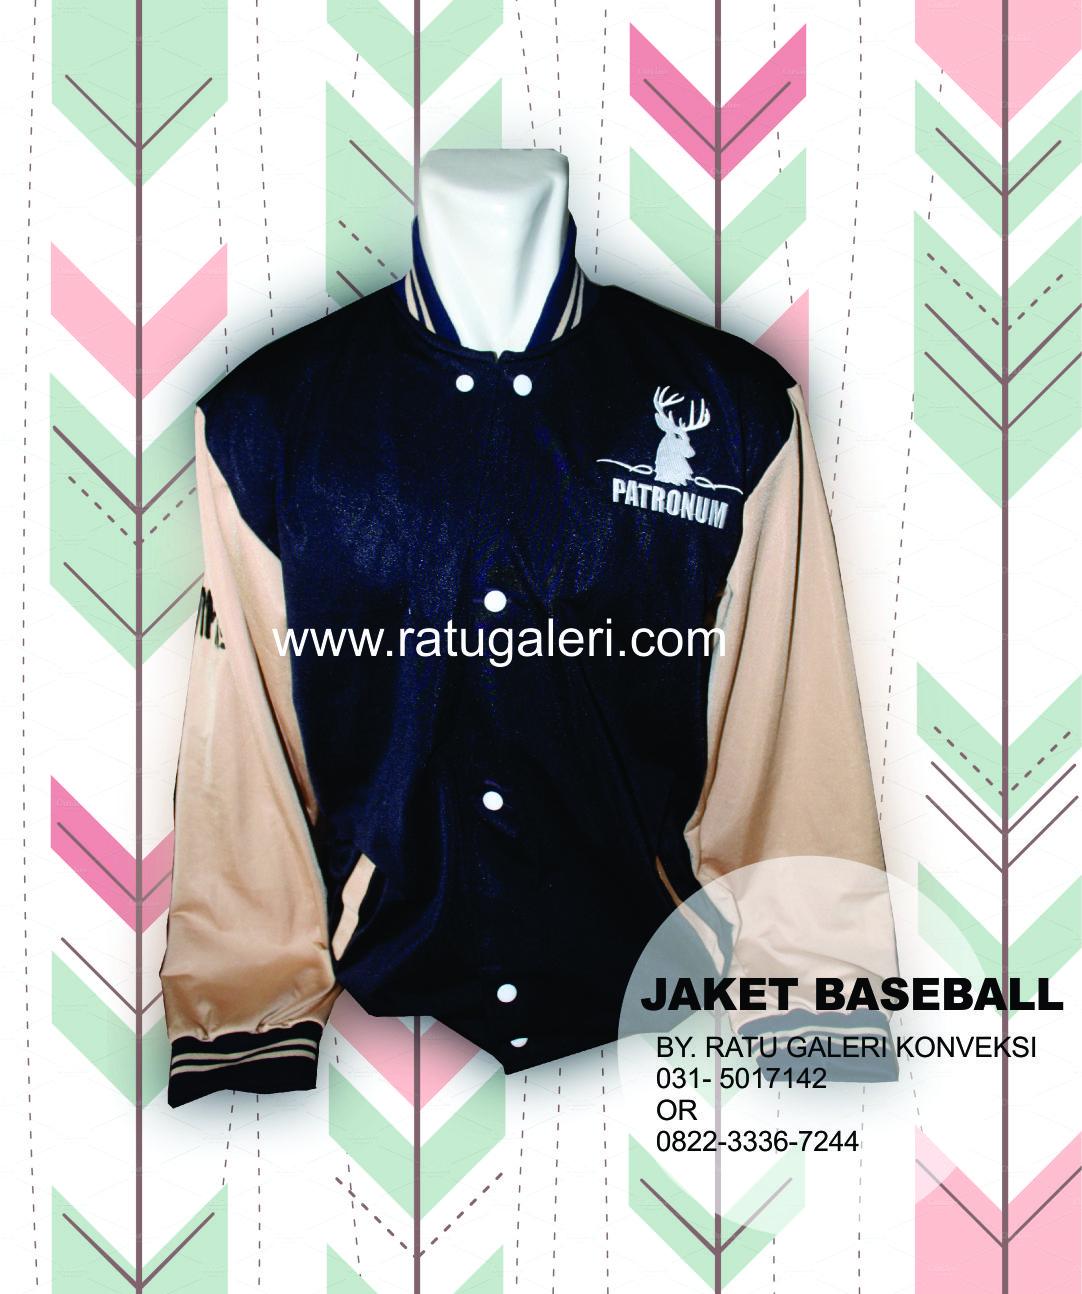 Contoh Desain Jaket Baseball Diadora PATRONUM